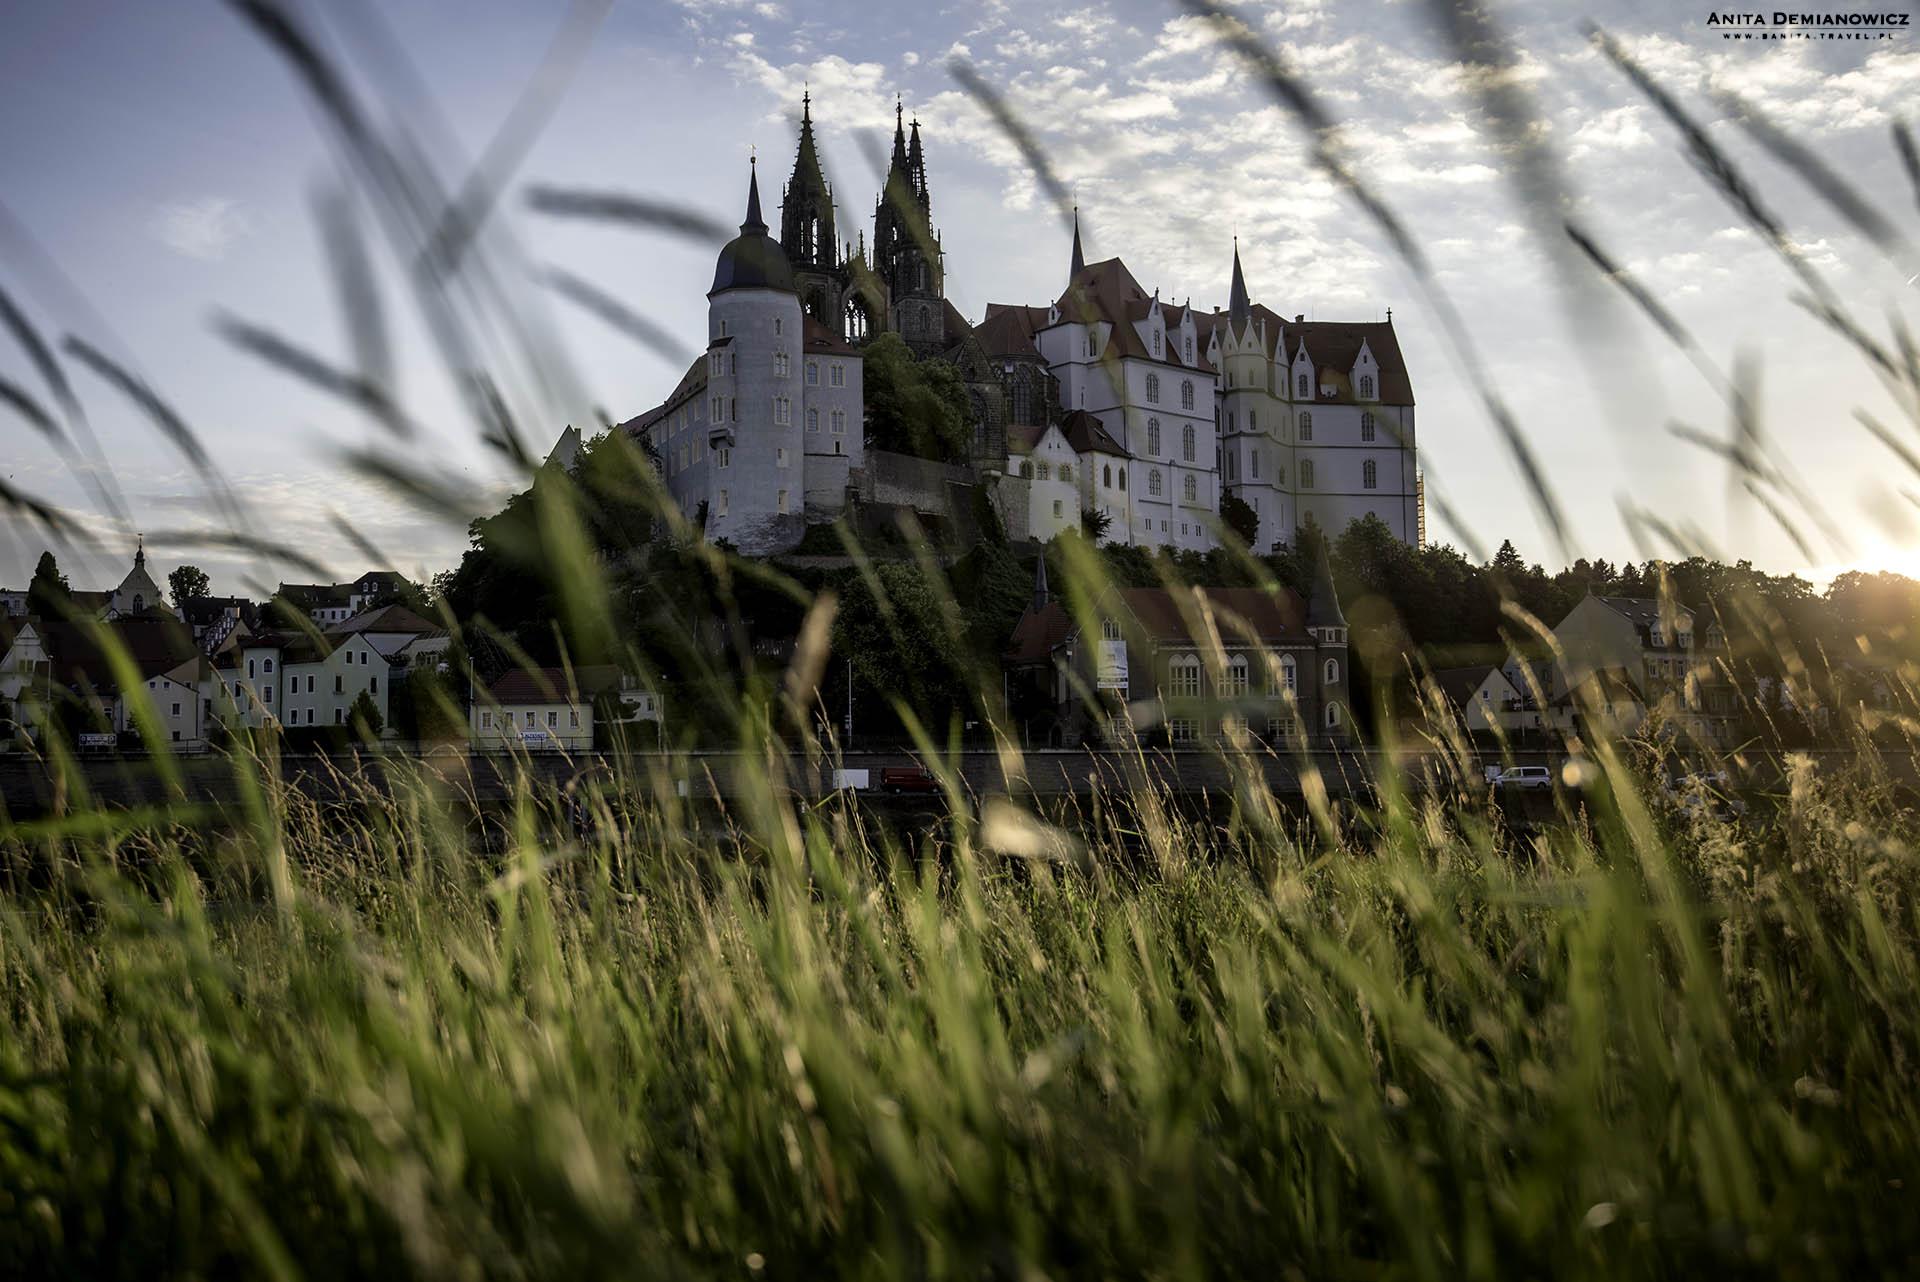 Zamek Albrechta w Miśni